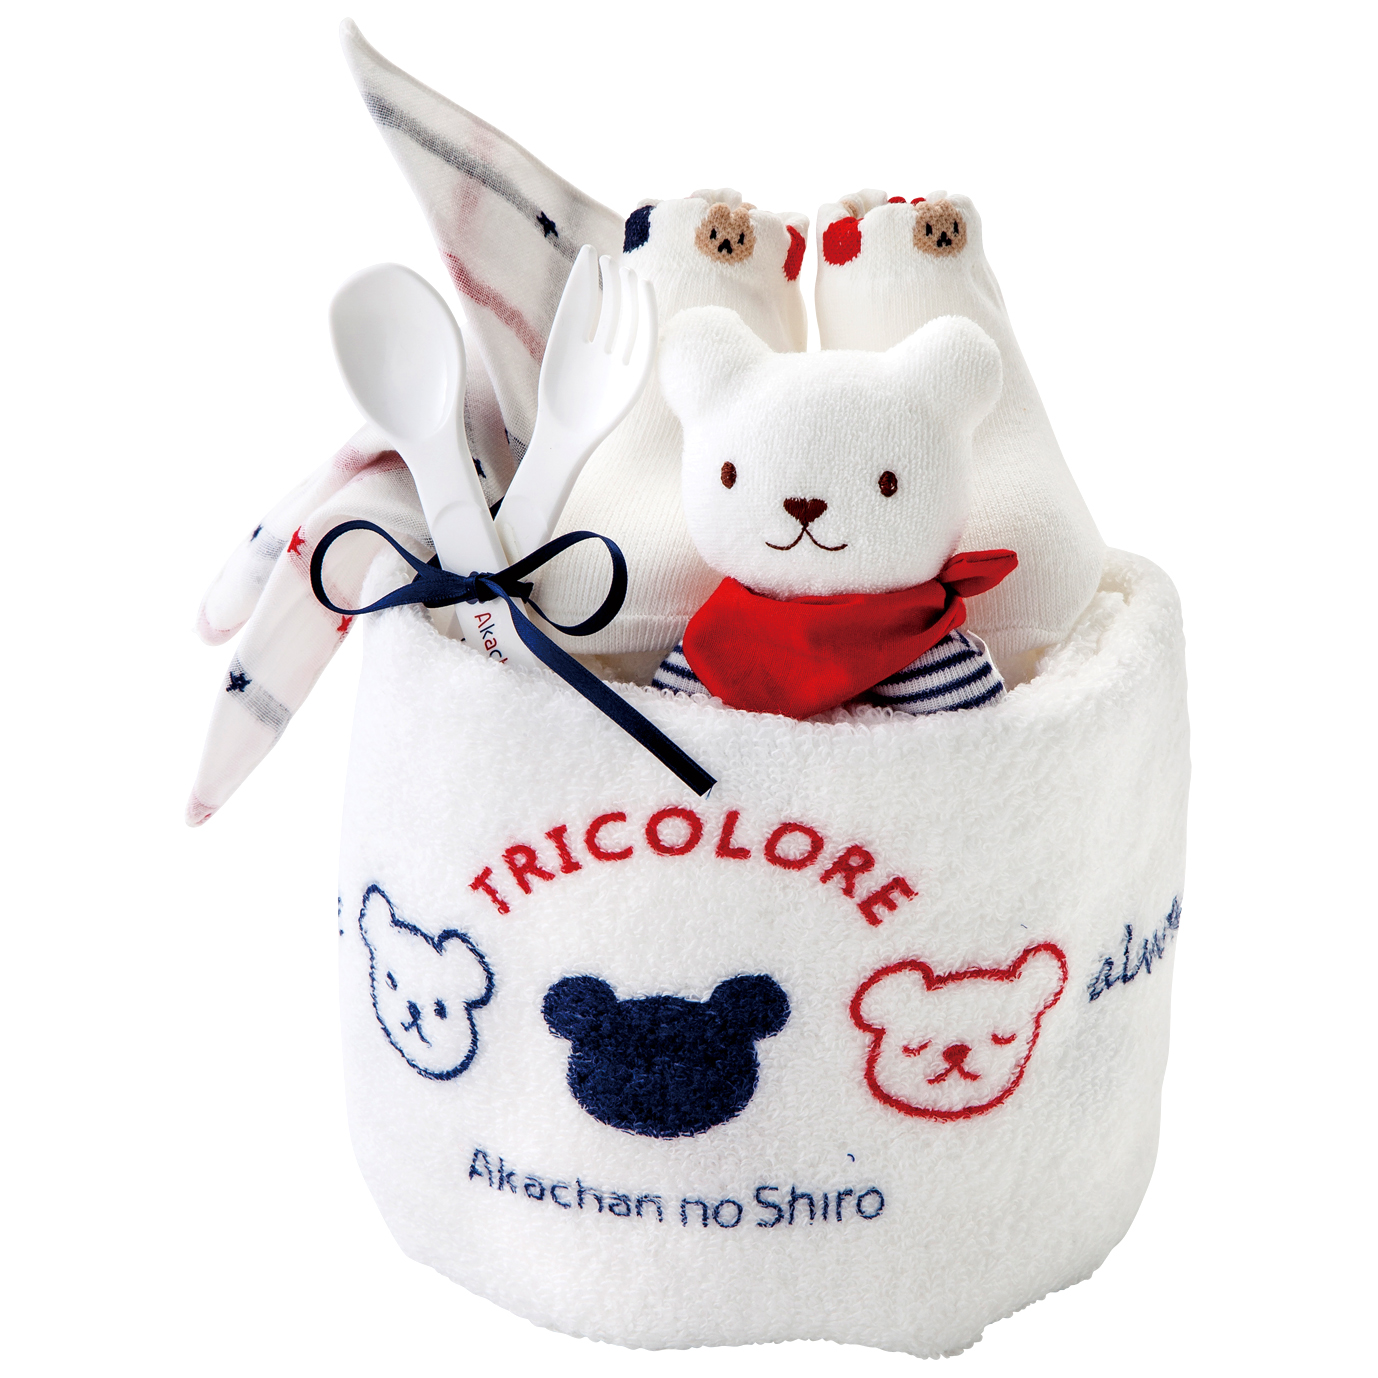 トリコロール ケーキ / ギフト